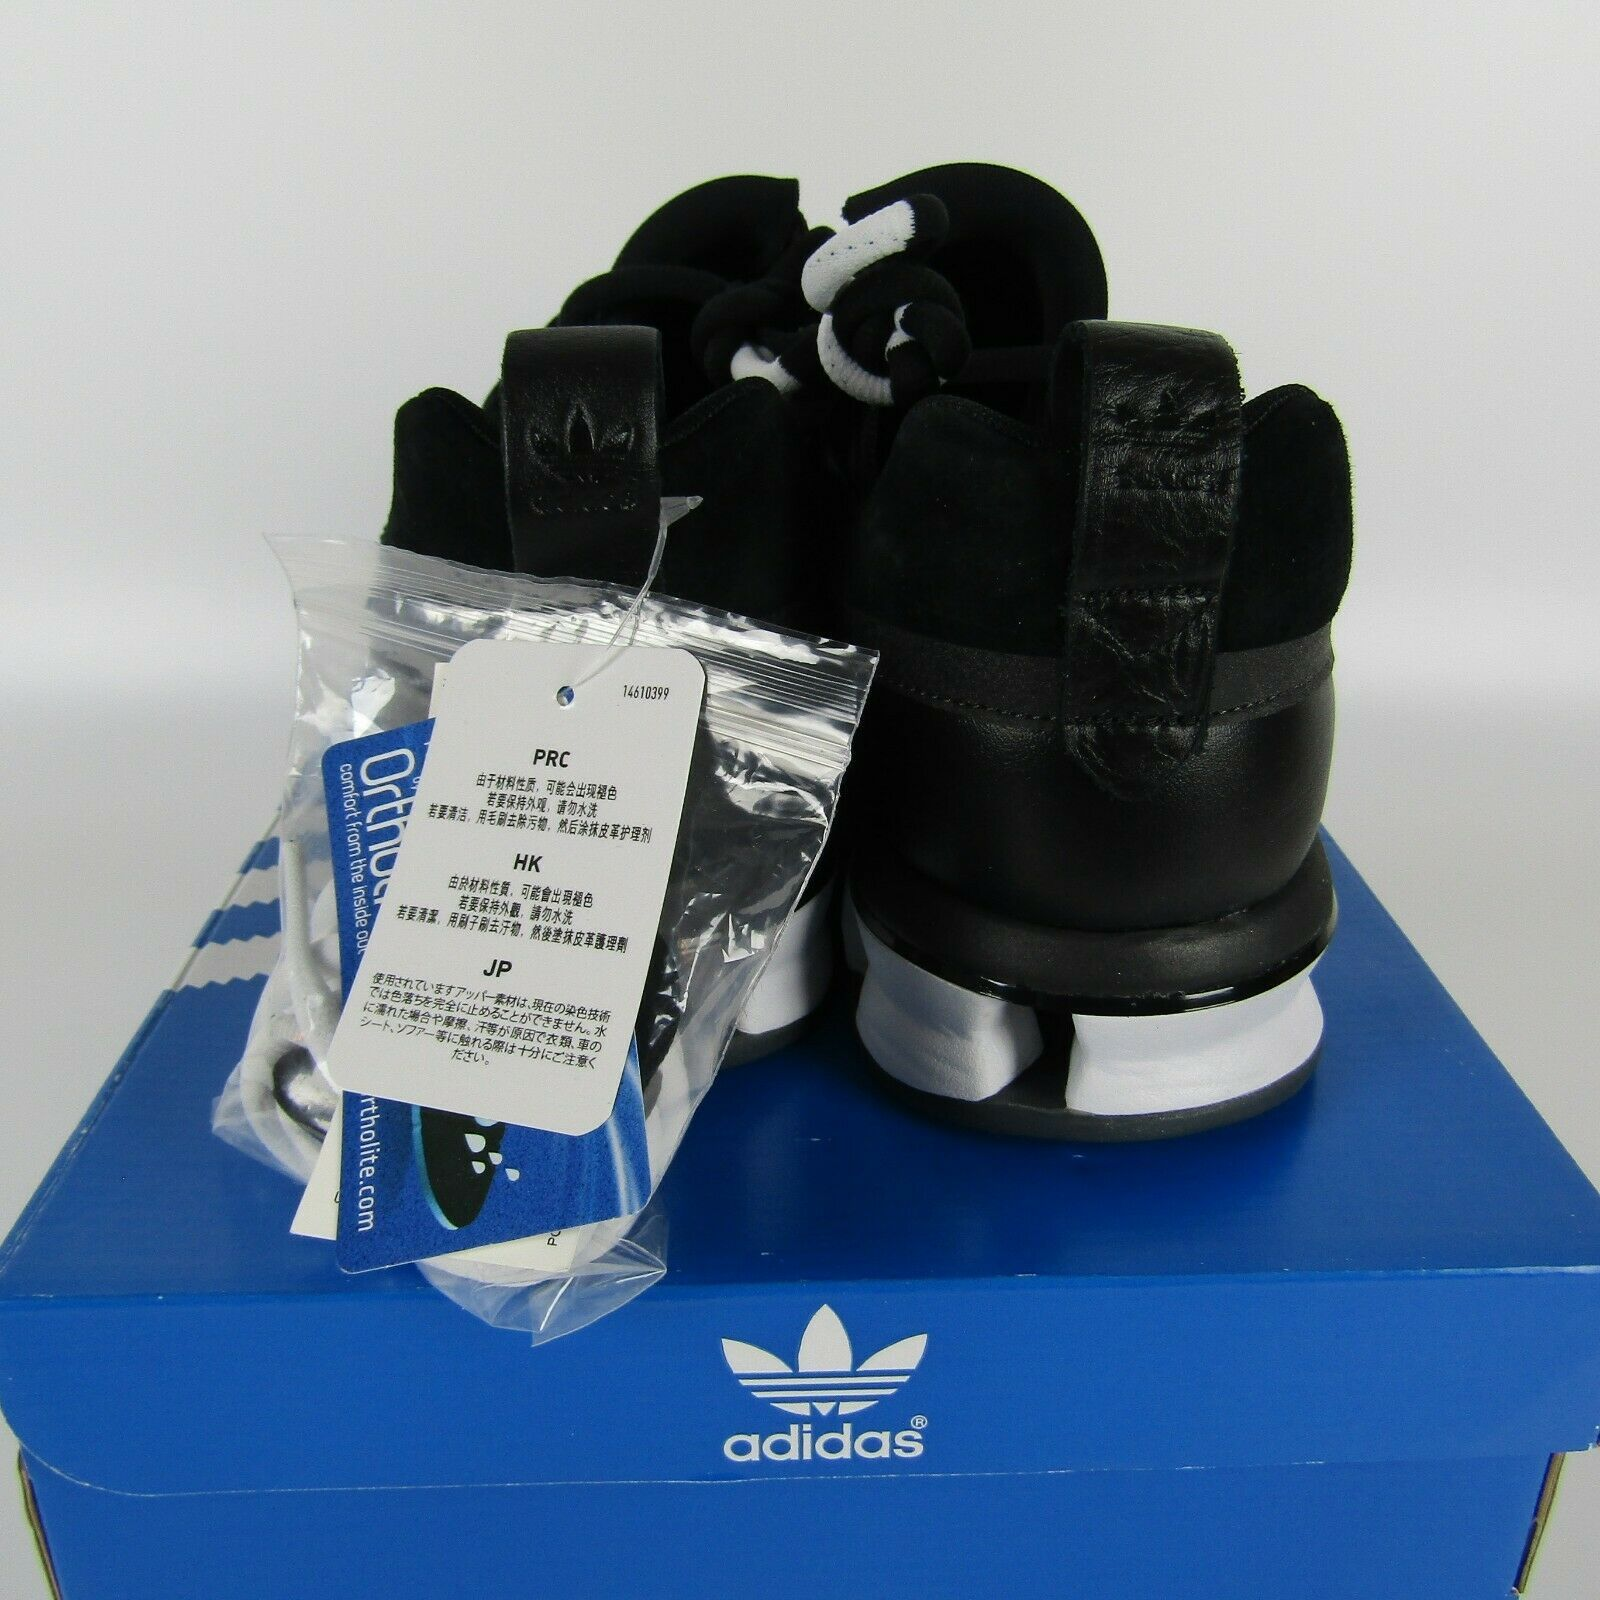 Adidas Twinstrike Adv Elástico Cuero Casual Zapatos Negros Blanco B28015 Size 13 image 5